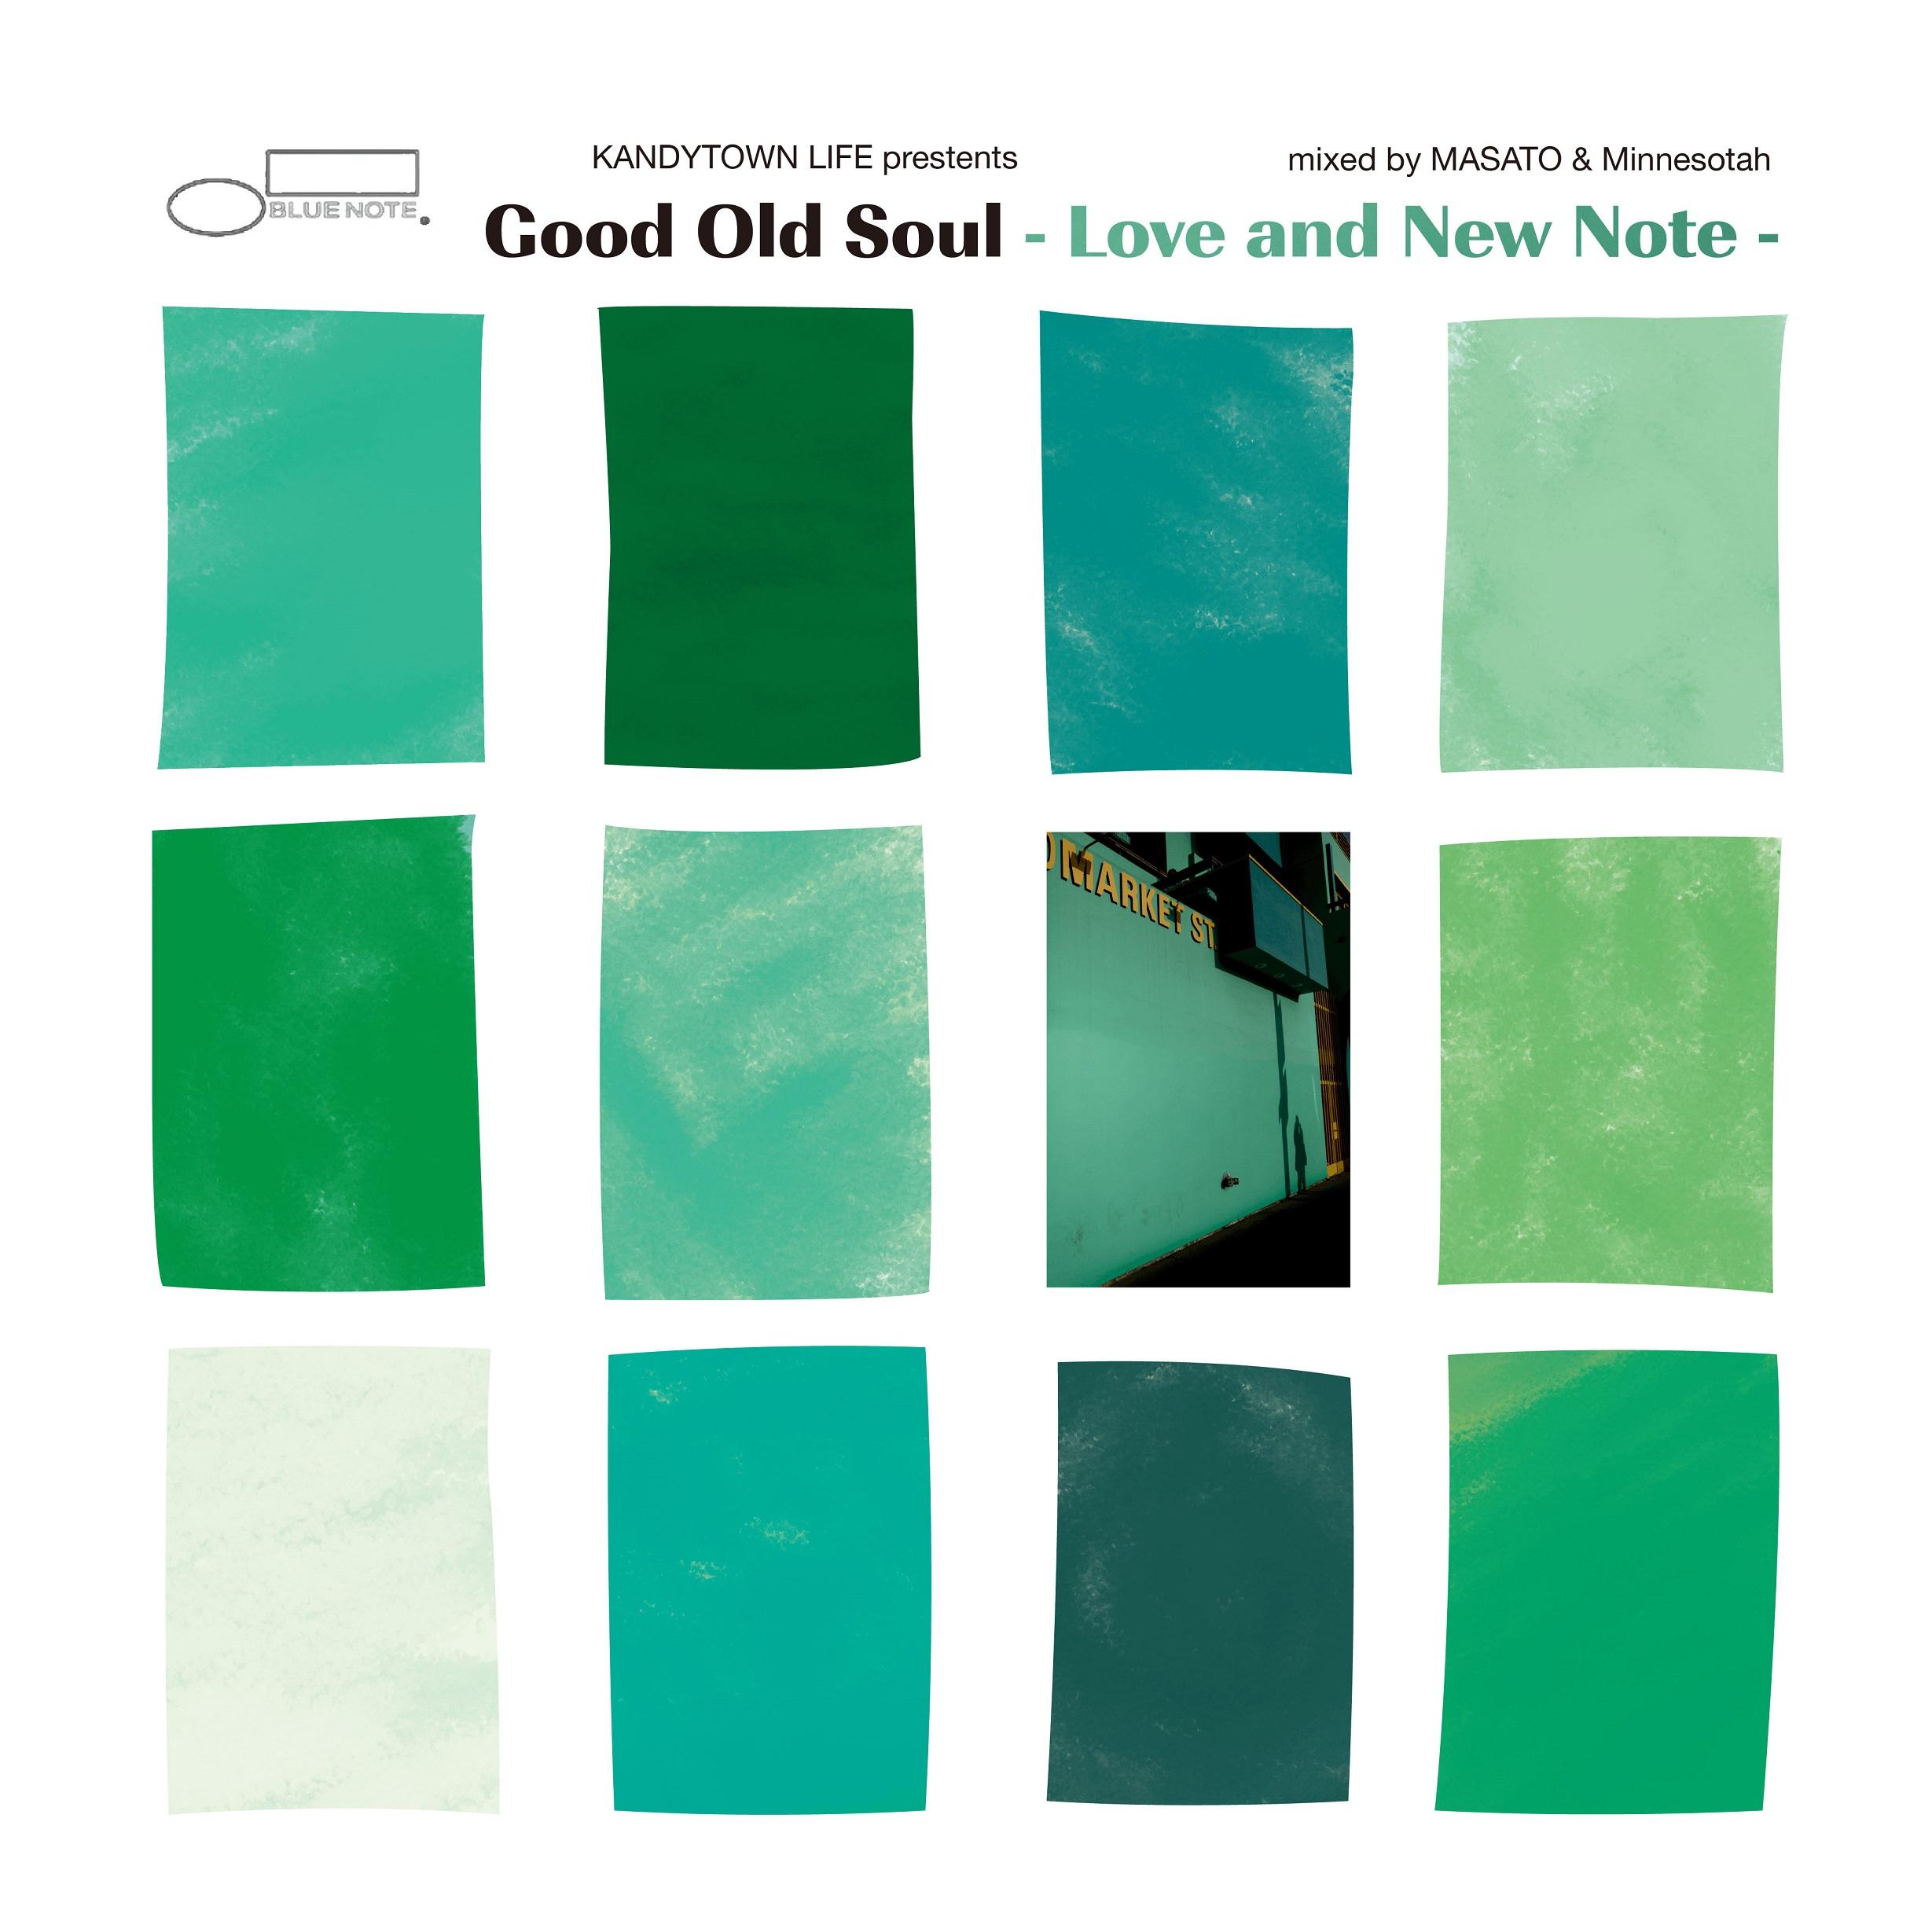 """ジャケット写真『KANDYTOWN LIFE presents """"Good Old Soul –Love and New Note"""" mixed by MASATO & Minnesotah』"""